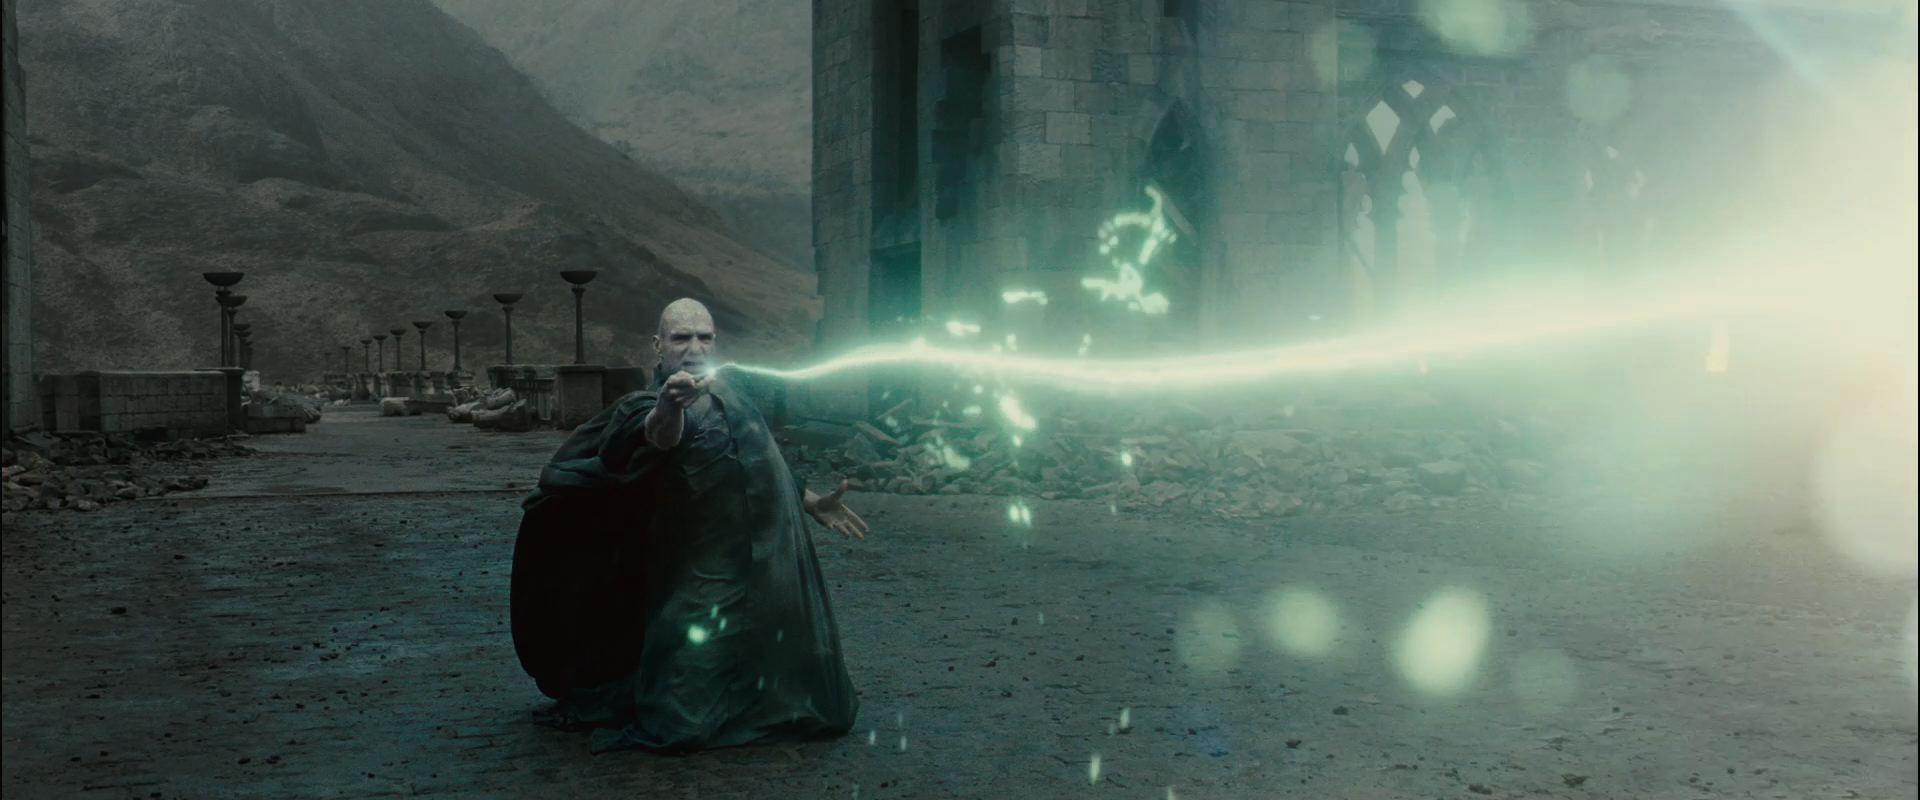 image dumbledore dueling - photo #40